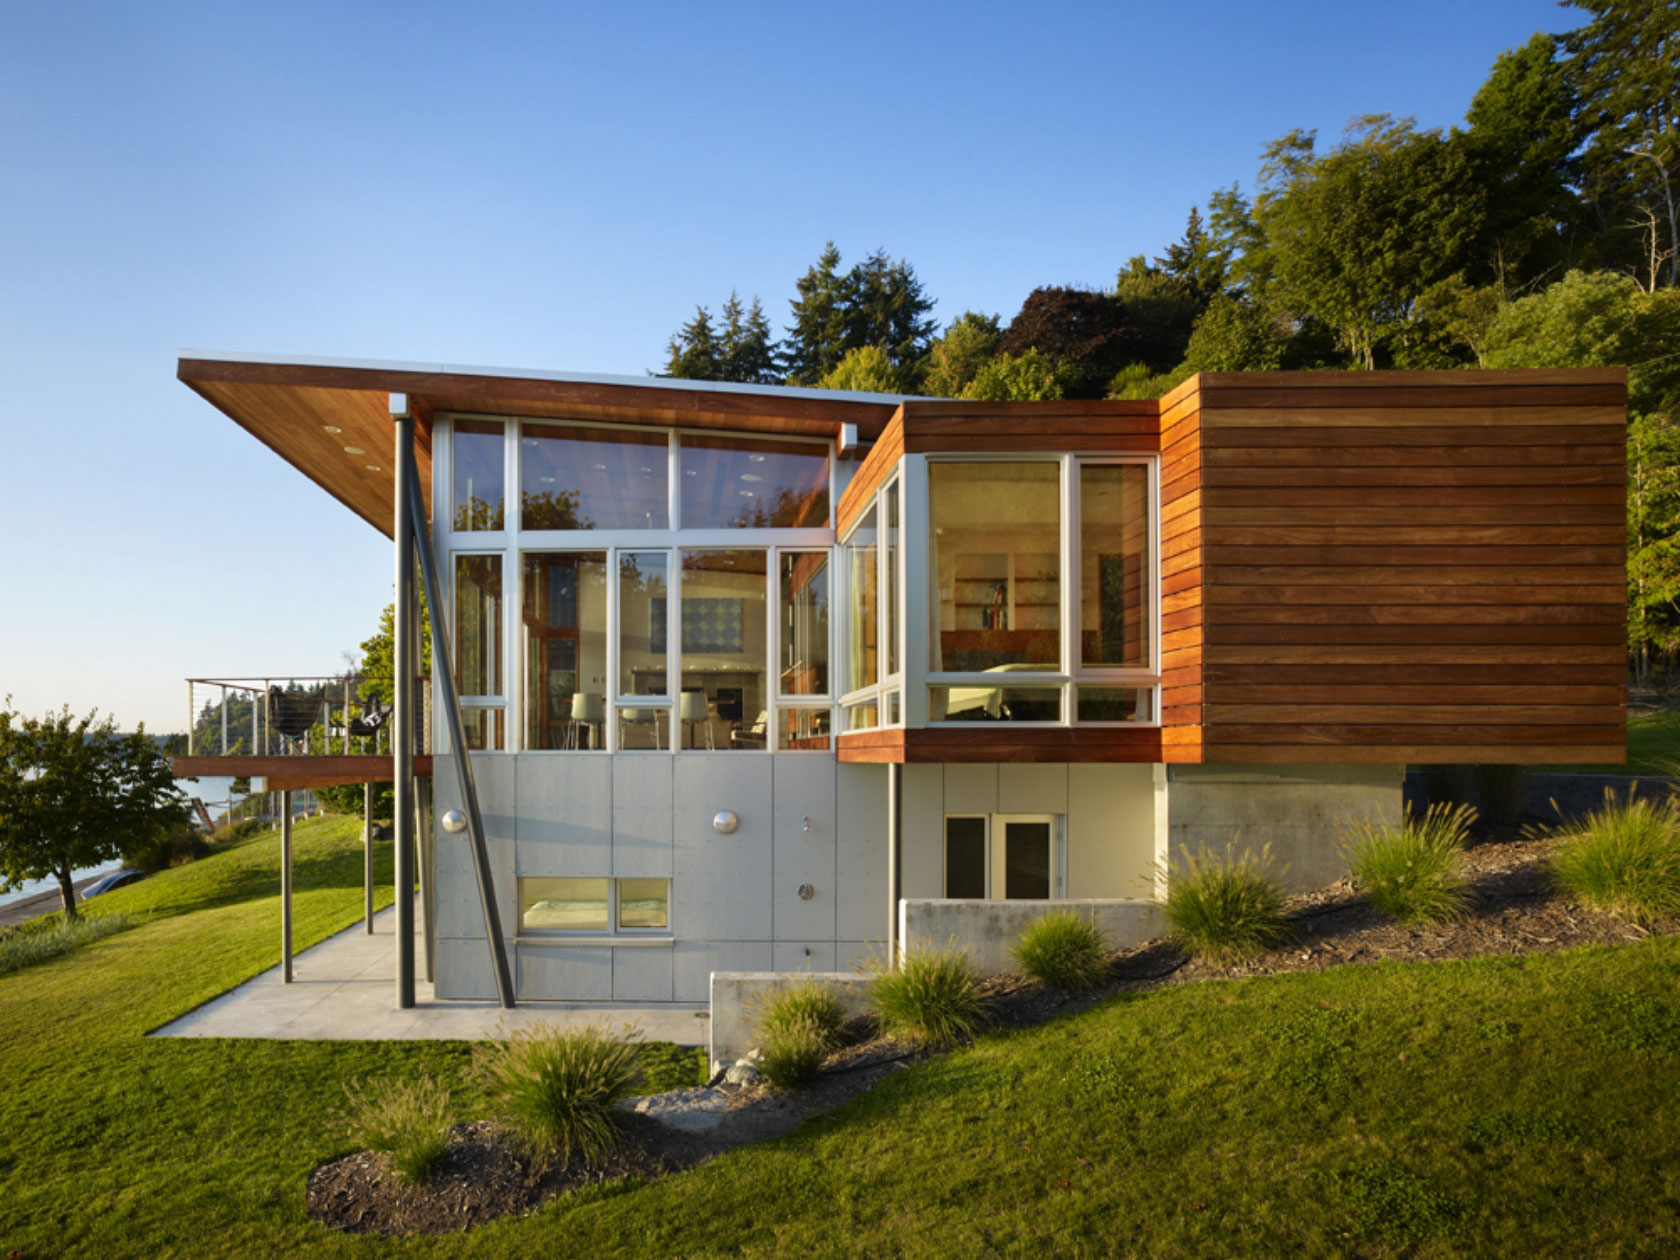 Vashon cabin by vandeventer carlander architects homedezen for Beach house designs usa